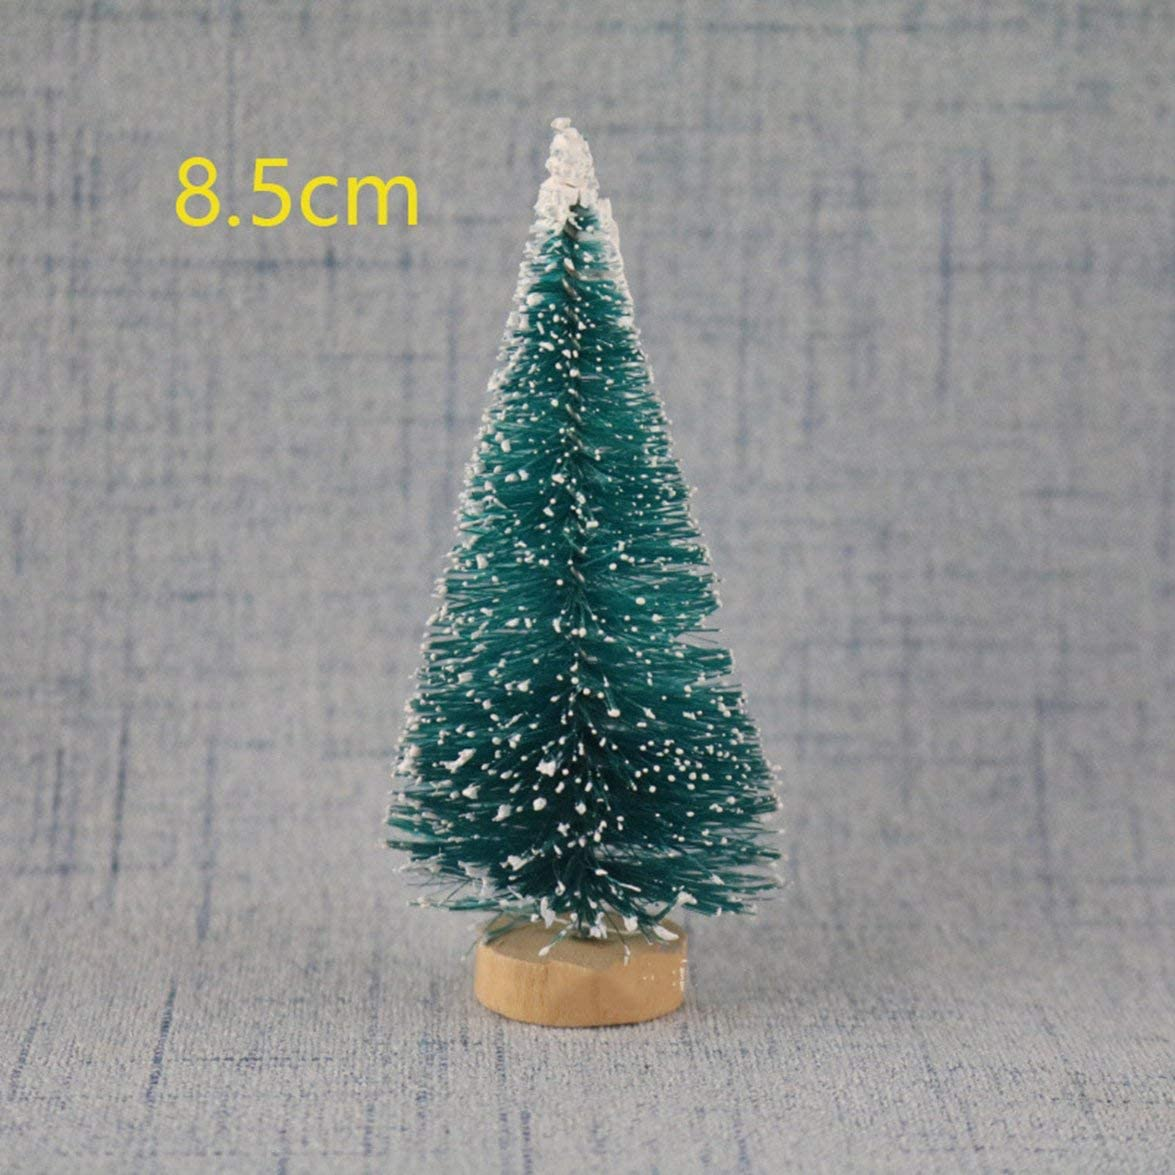 Logicstring /Árbol de Navidad de Bricolaje Peque/ño /árbol de Pino Mini /árboles colocados en el Escritorio Decoraci/ón del hogar Decoraci/ón de Navidad Regalos para ni/ños